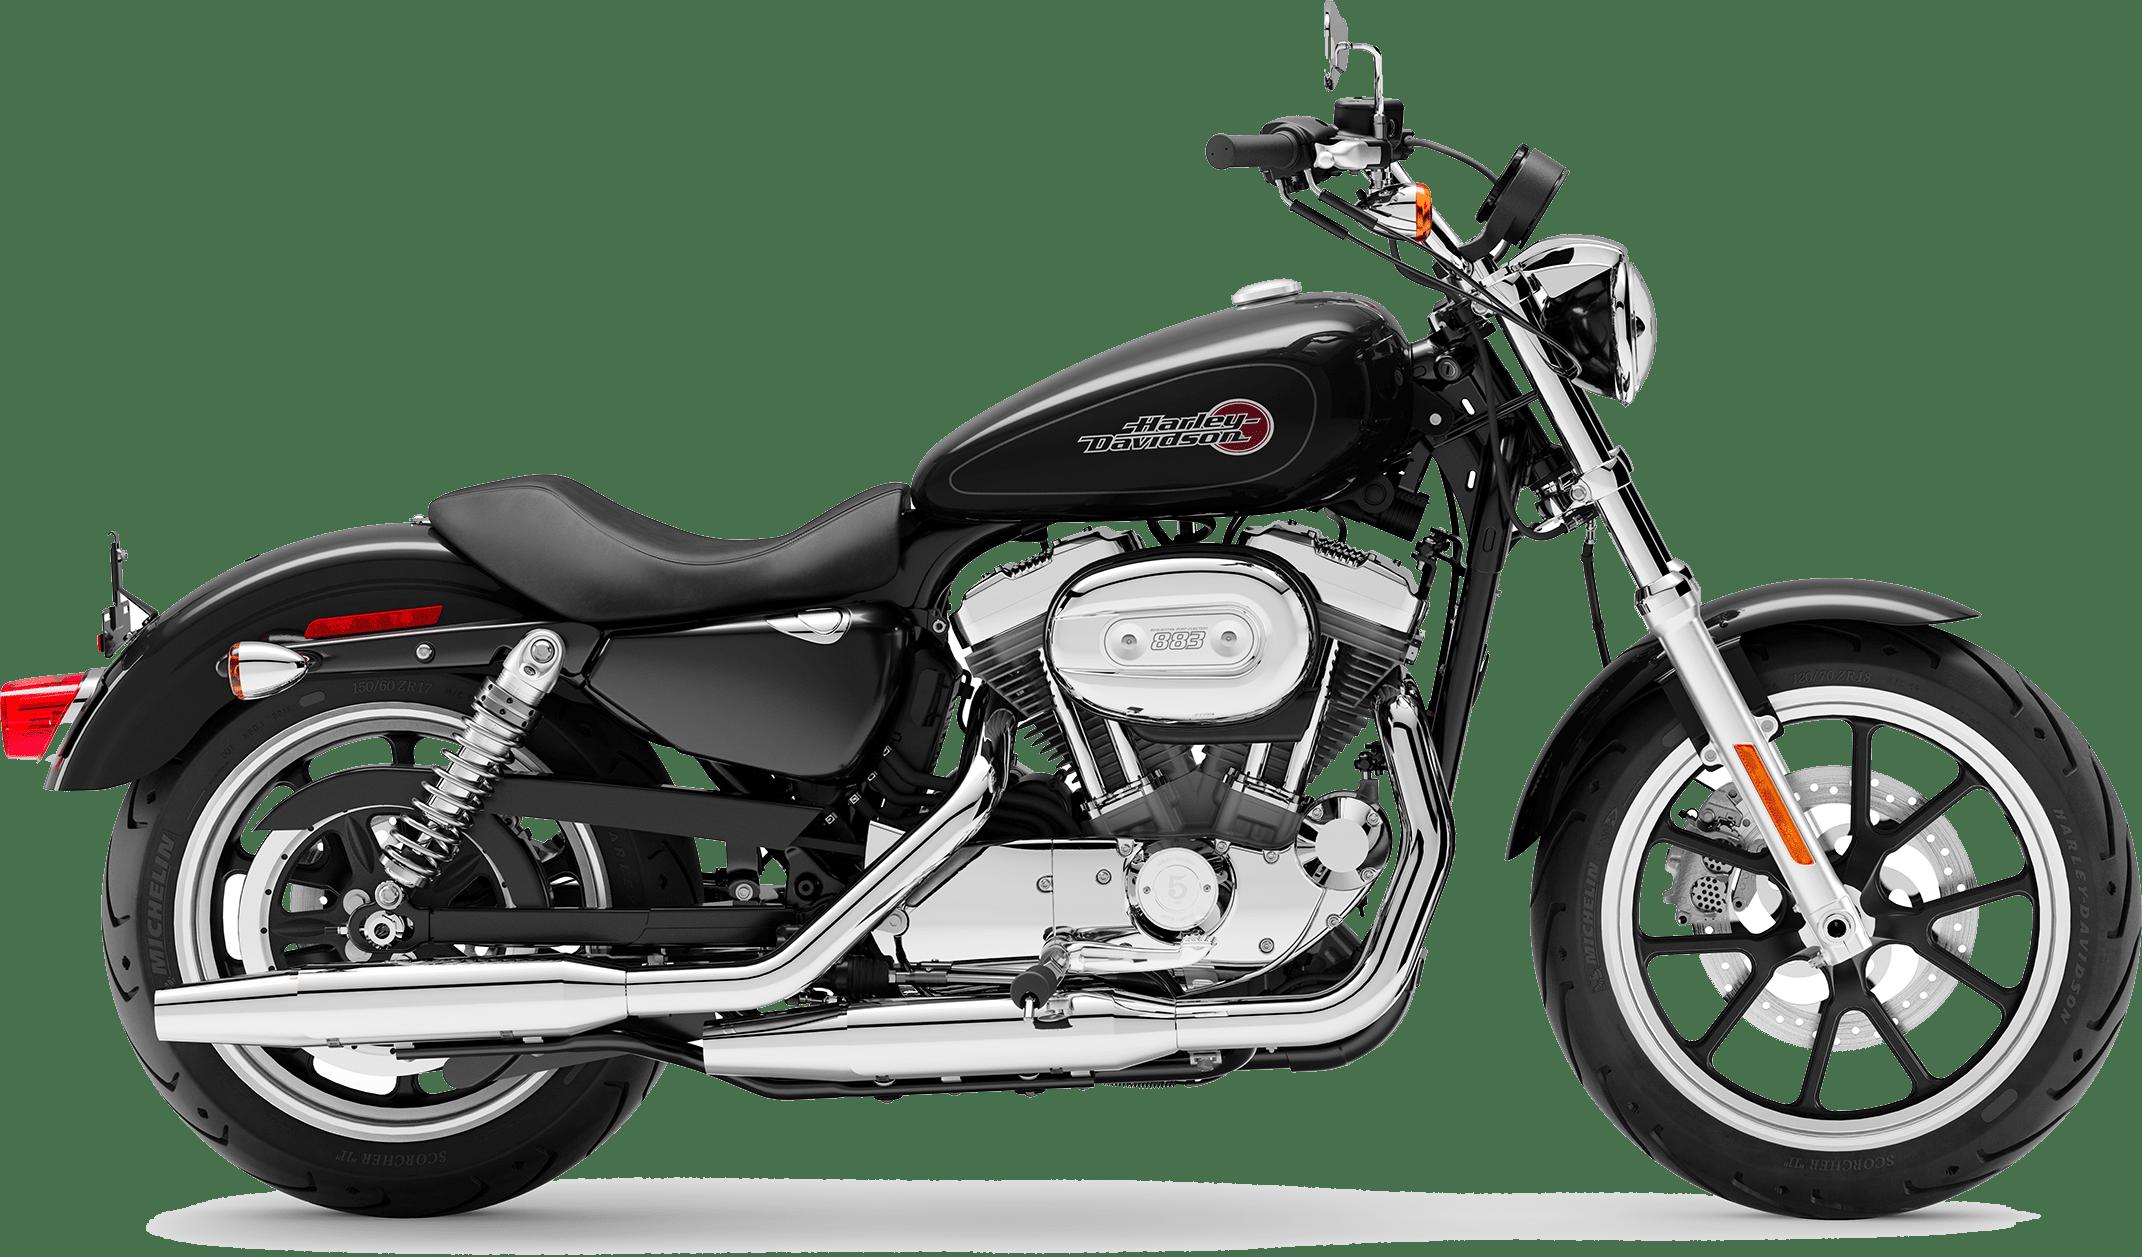 2019 Harley-Davidson H-D SuperLow Vivid Black